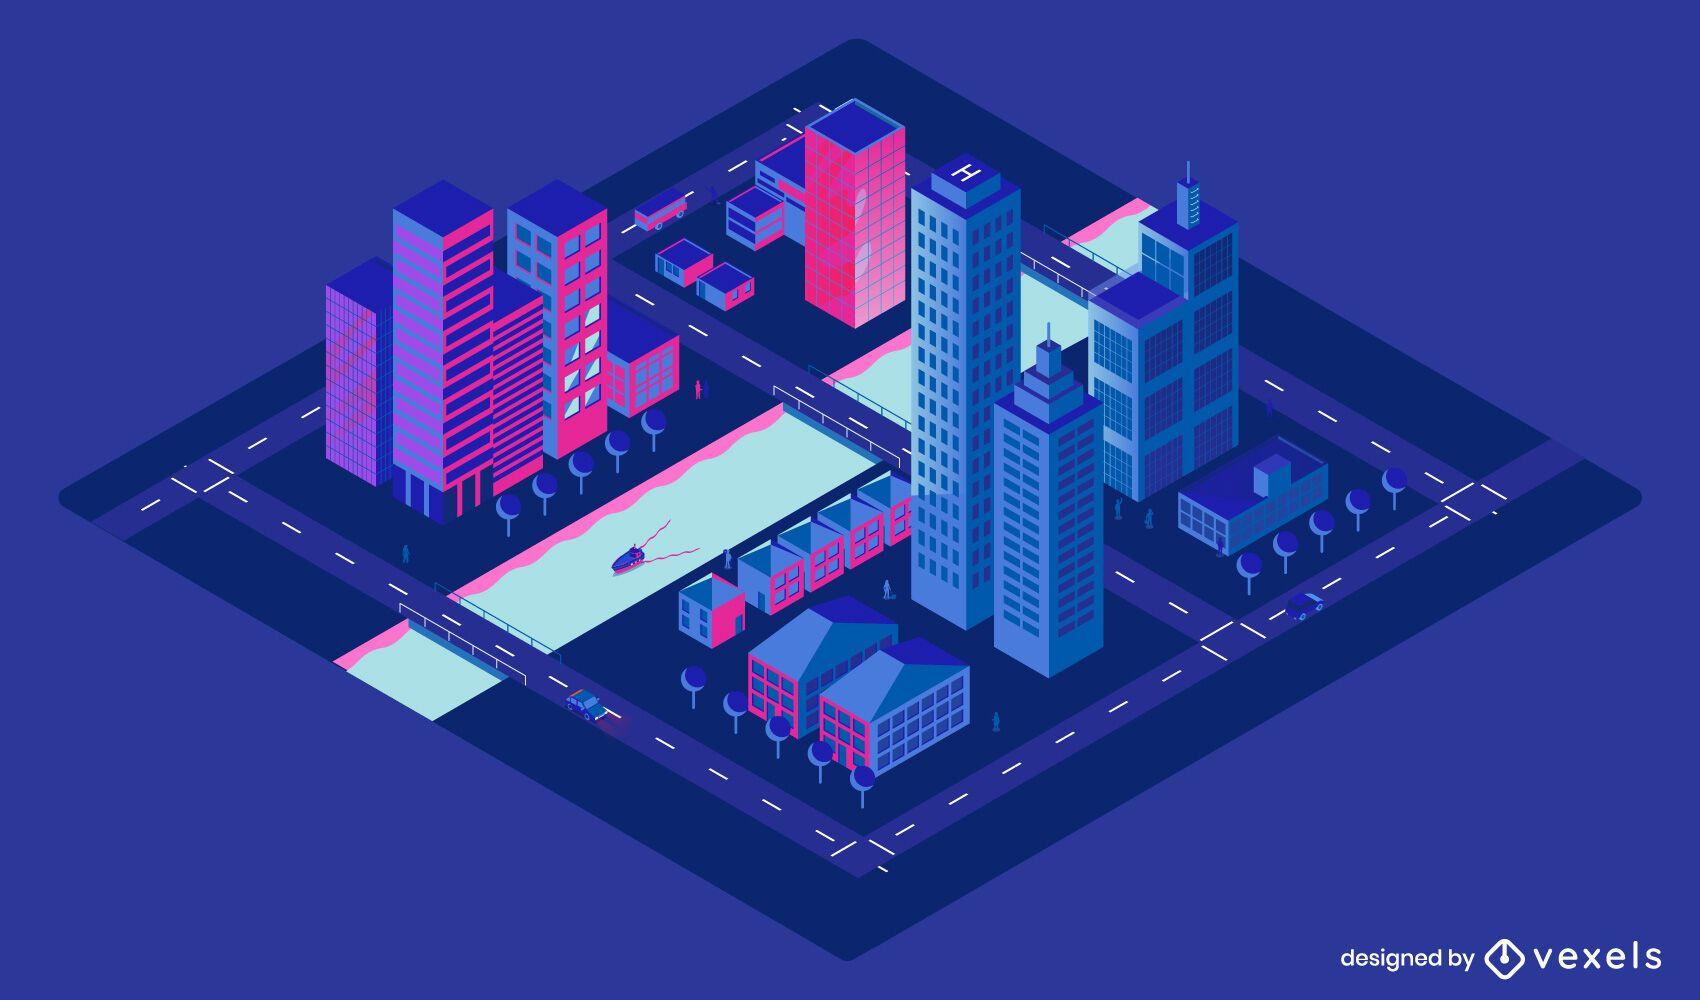 Diseño isométrico de la noche de la ciudad.